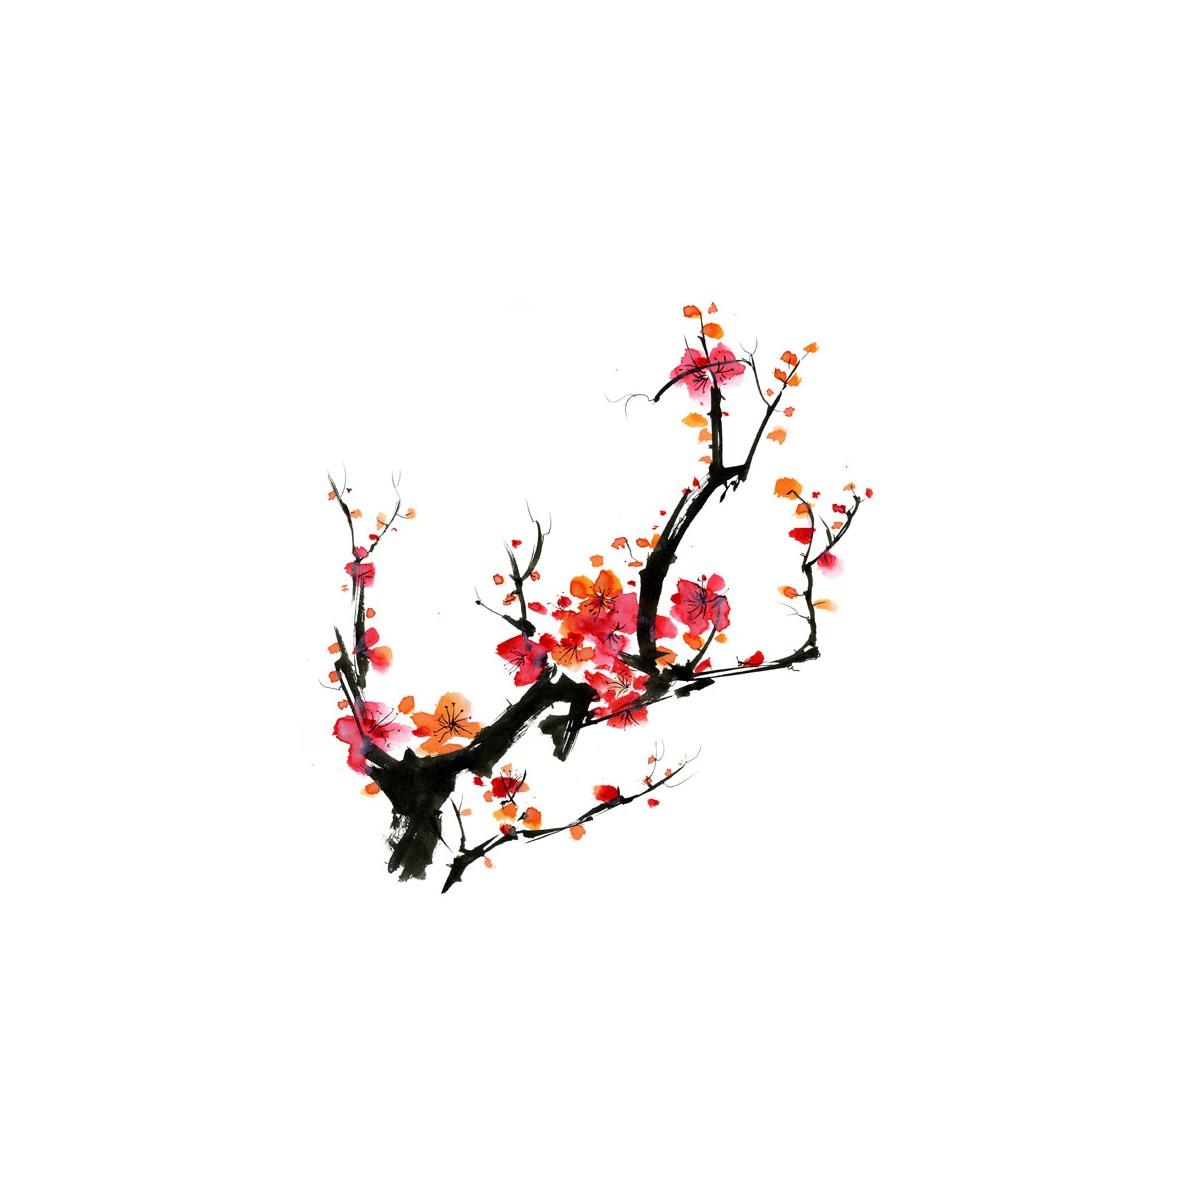 Papier peint japonais cerisier en fleur intiss mat par la marque e papier - Papier peint cerisier japonais ...